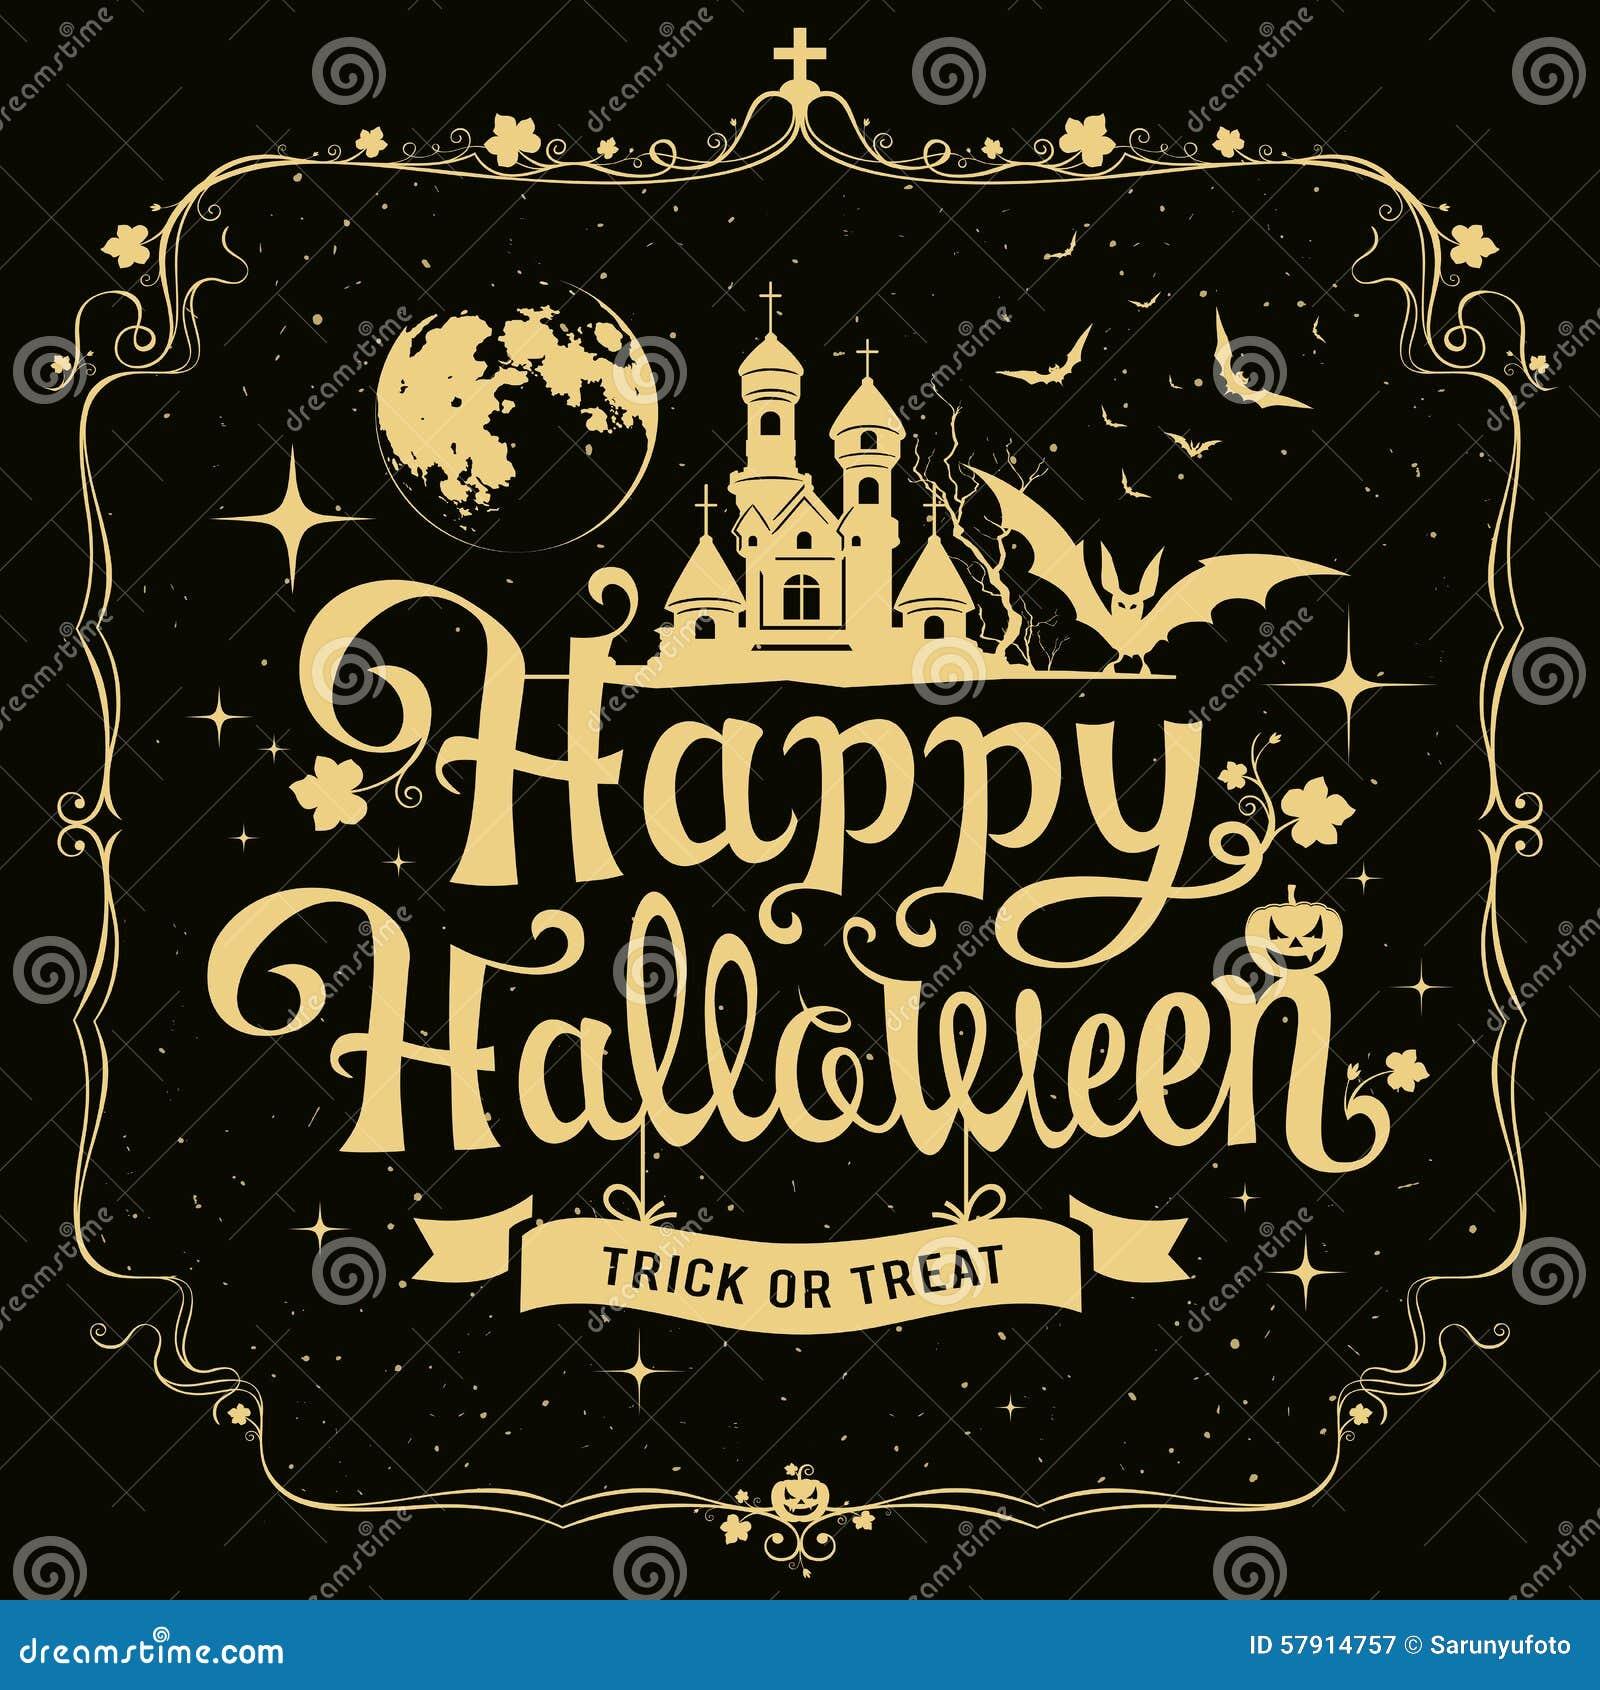 happy halloween message silhouette design stock vector